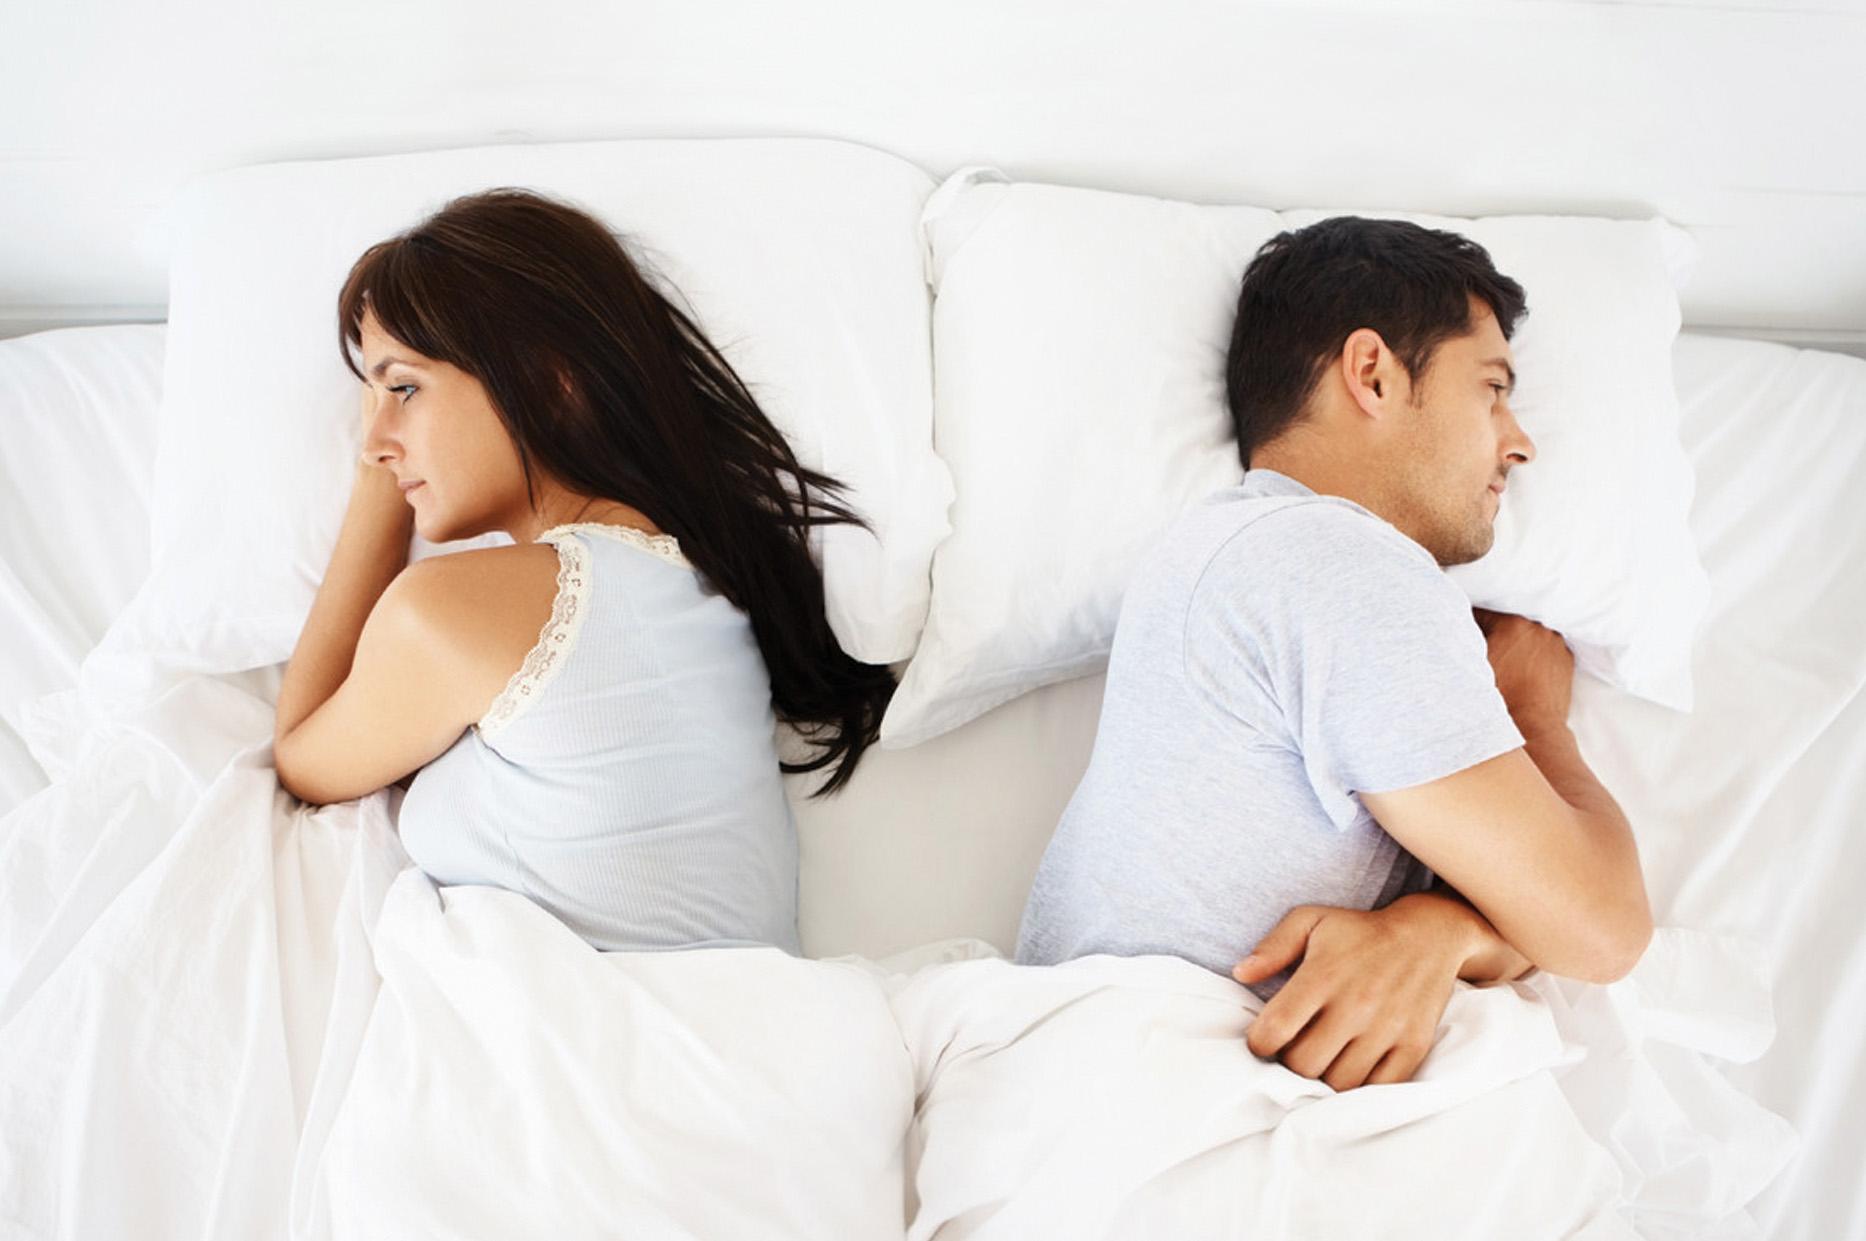 Bị áp lực công việc, người vợ sa ngã với đối tác Ảnh 1